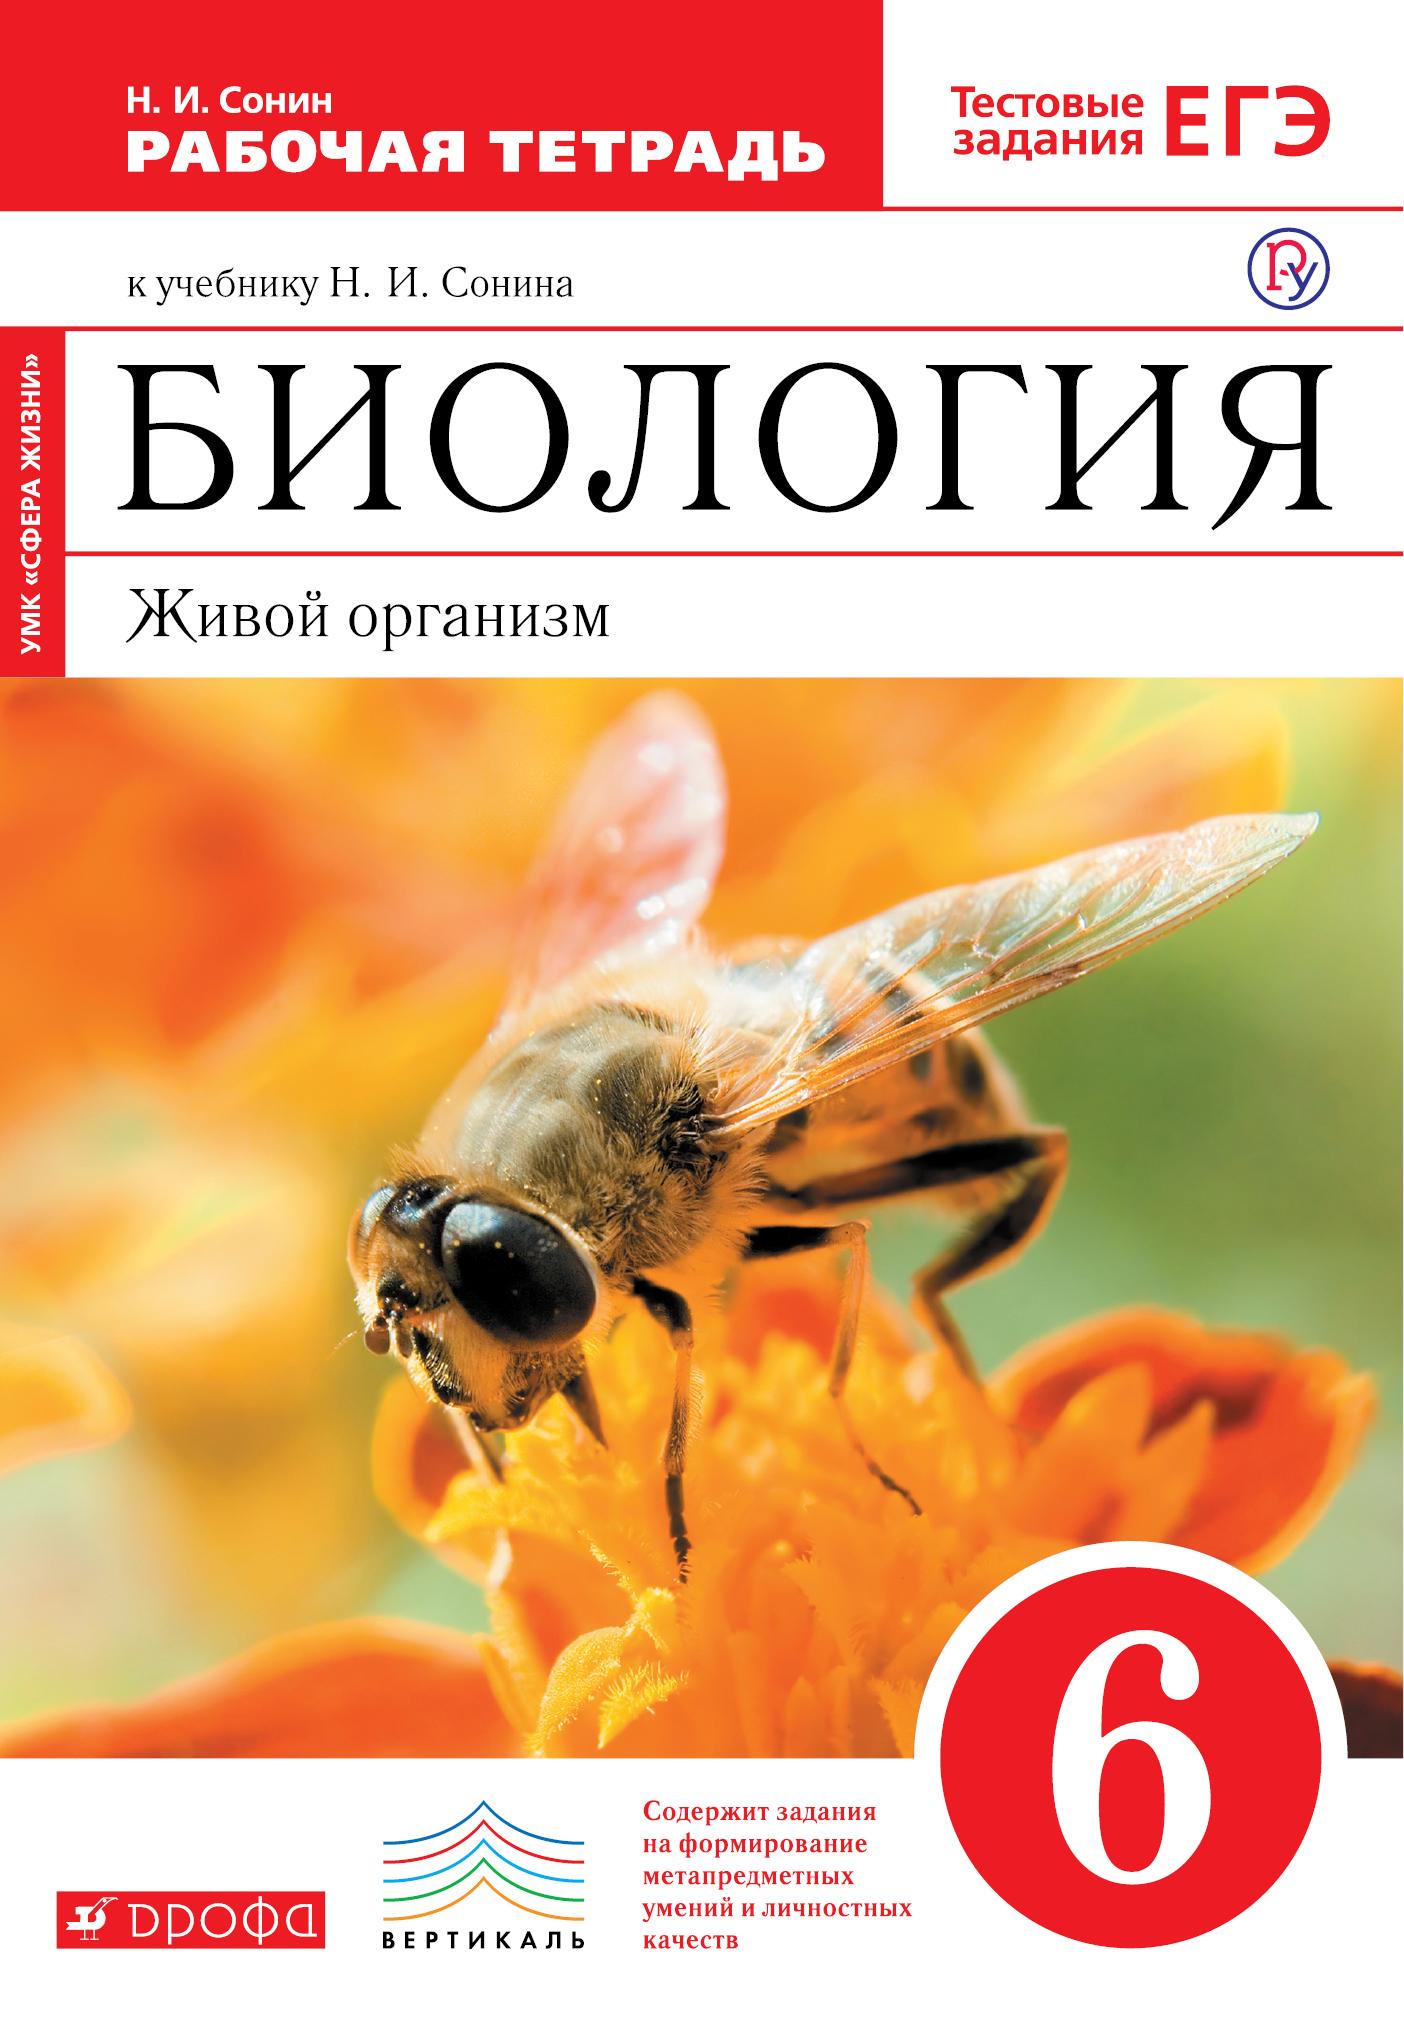 Биология живой организм 6 класс рабочая тетрадь к учебнику н.и сонина биология живой организм скачать txt